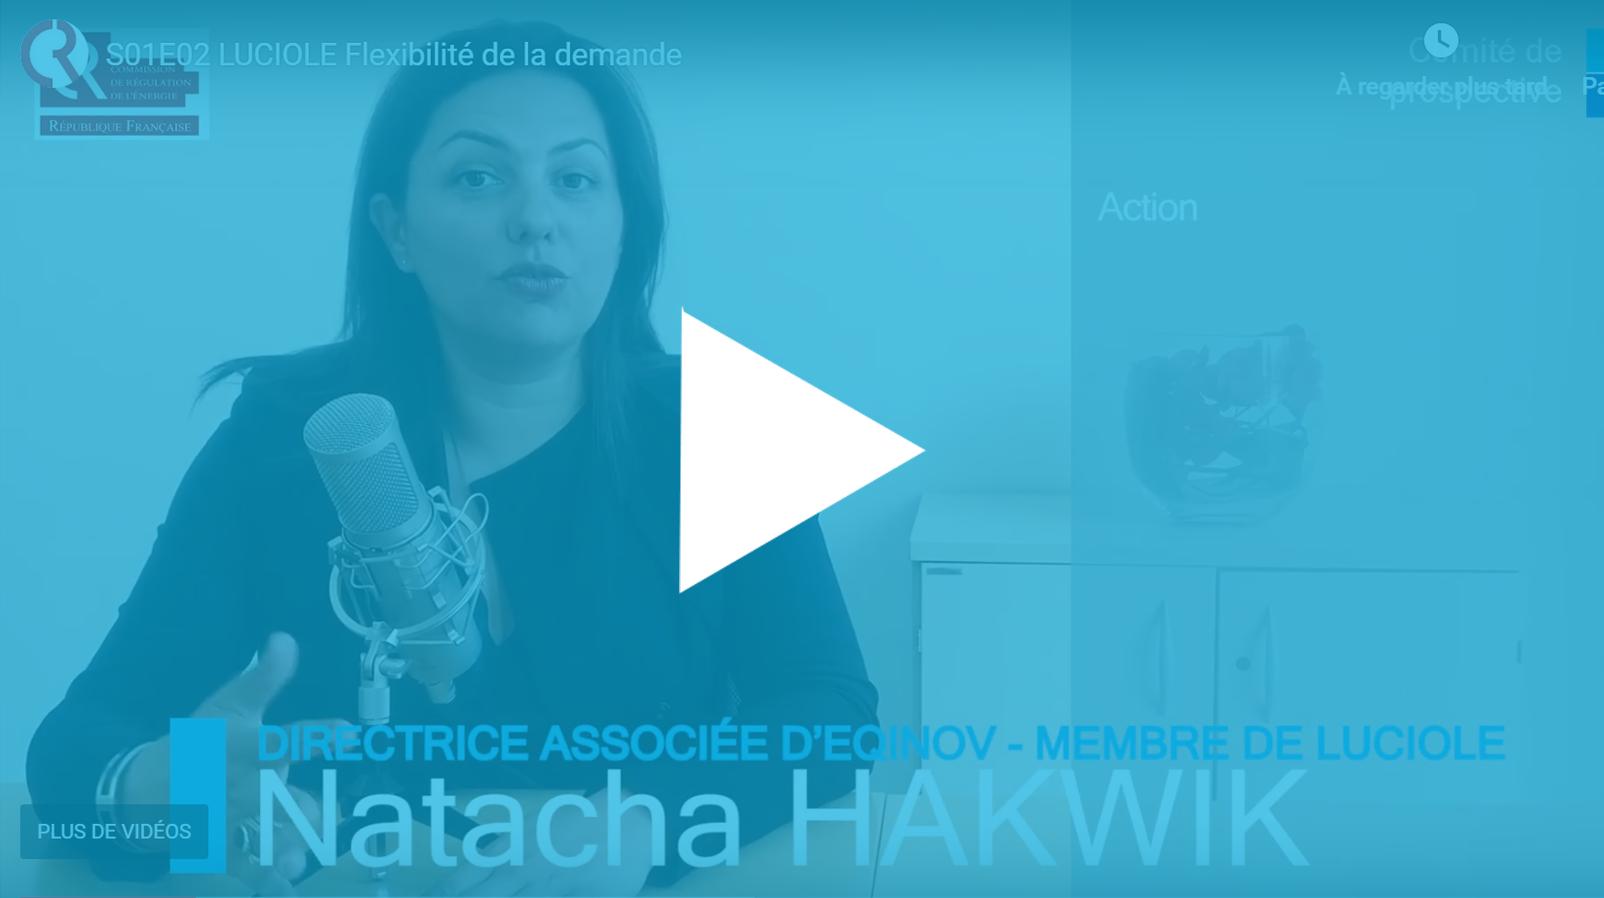 Natacha Hakwik - CRE